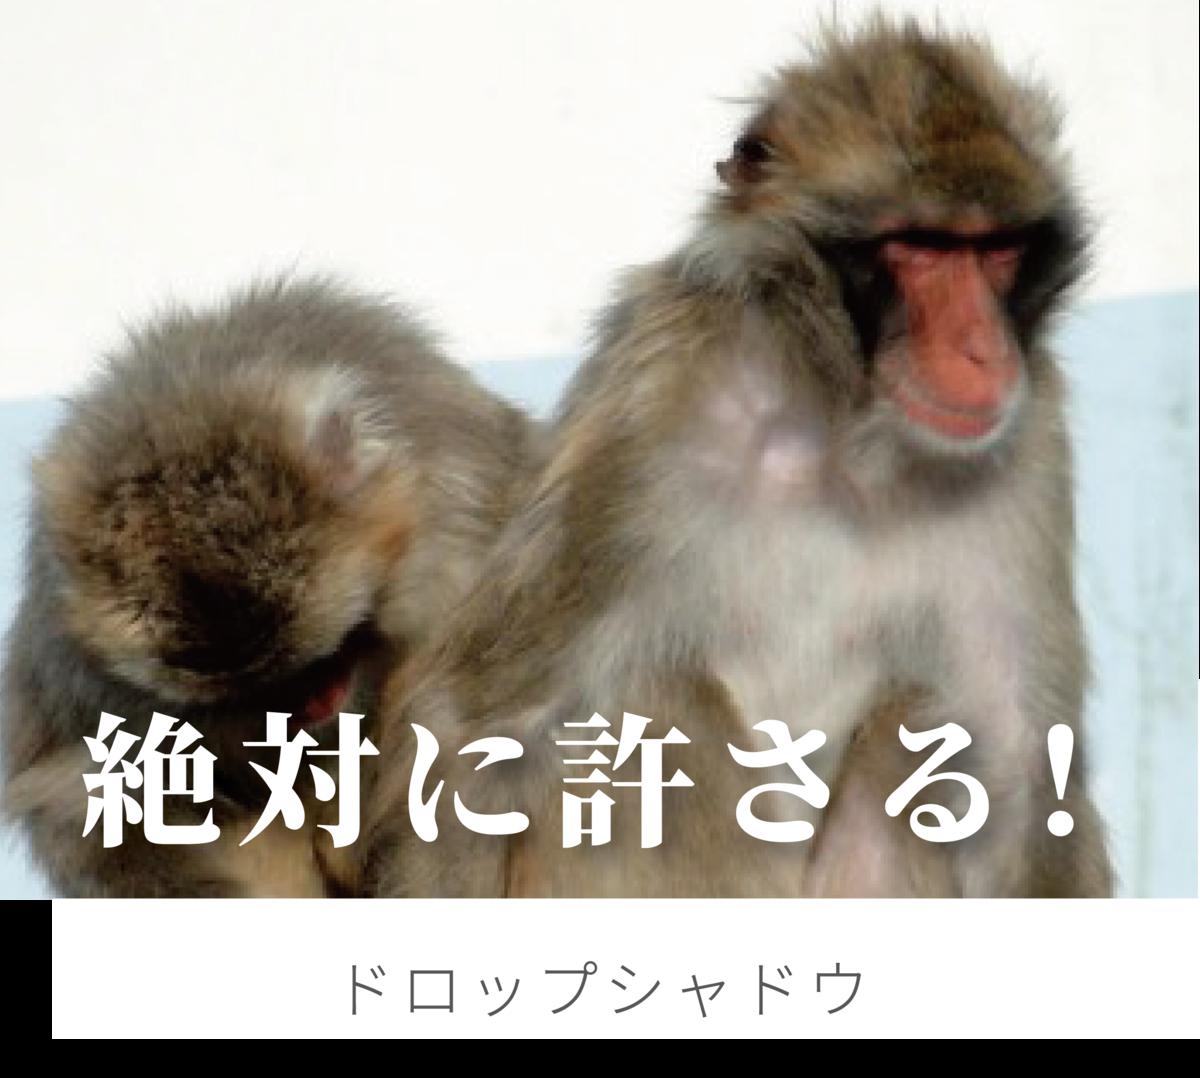 f:id:mojiru:20190514113250p:plain